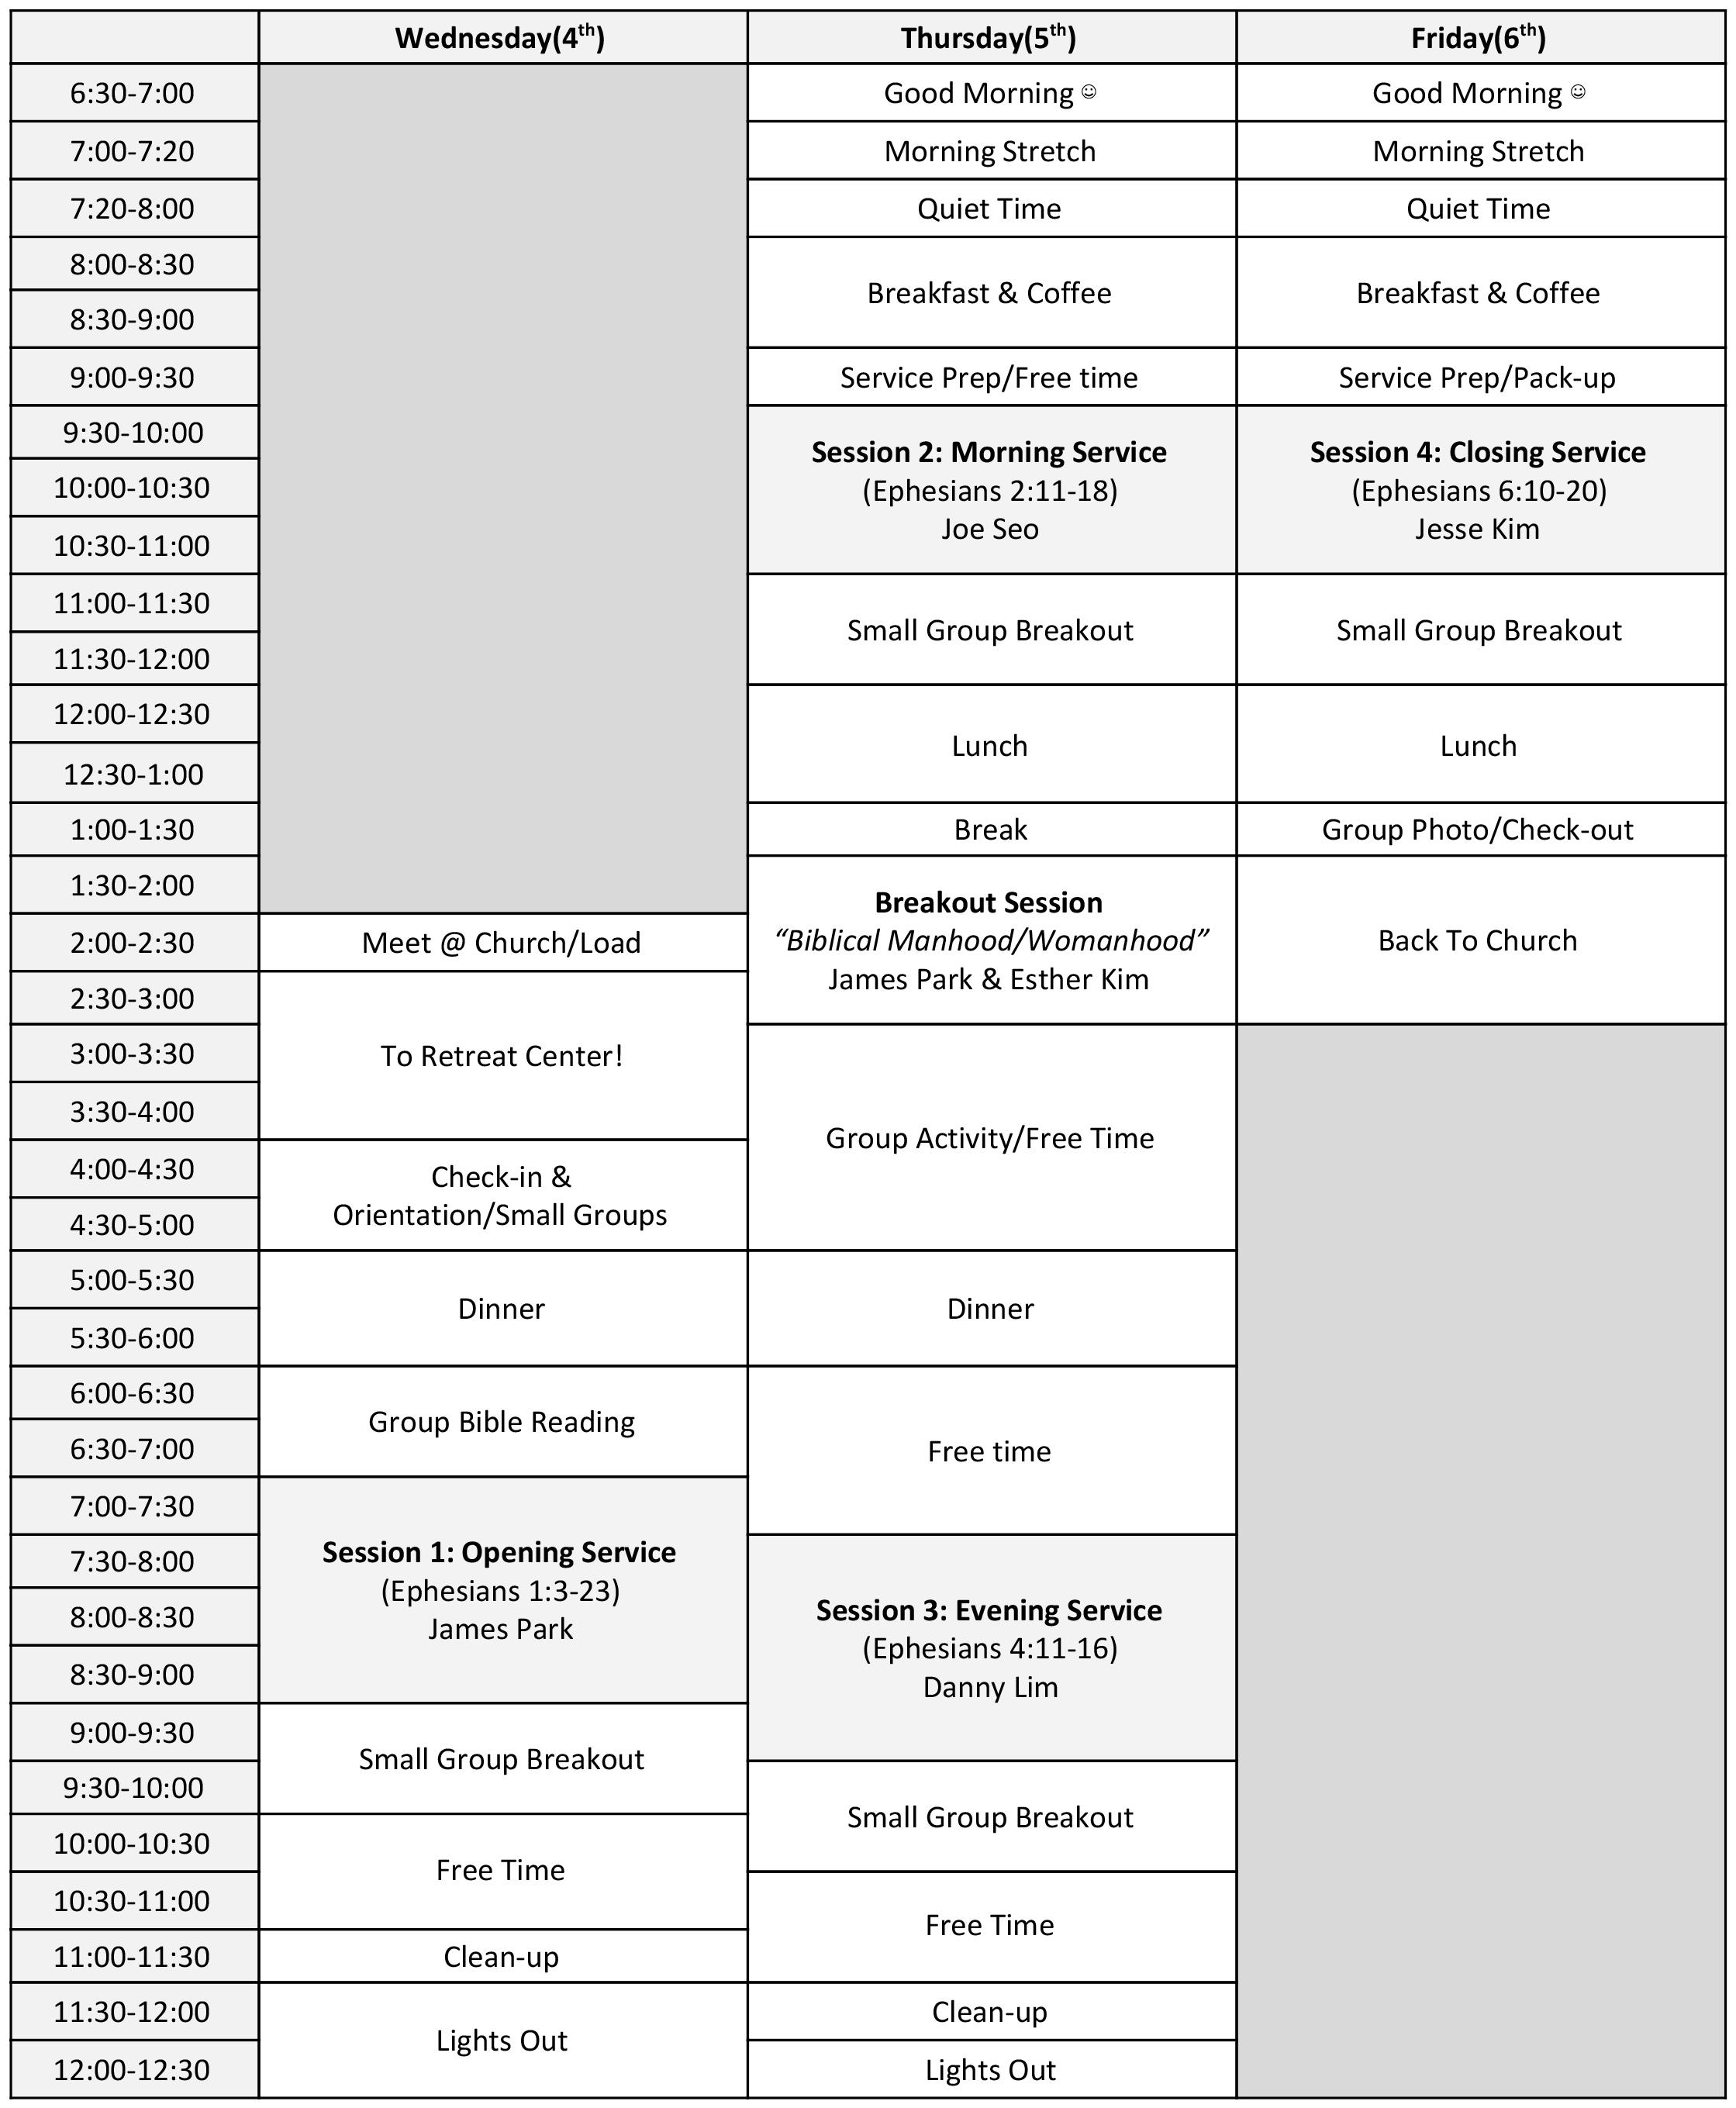 2019 CGWR Schedule (v.1)-1.jpg